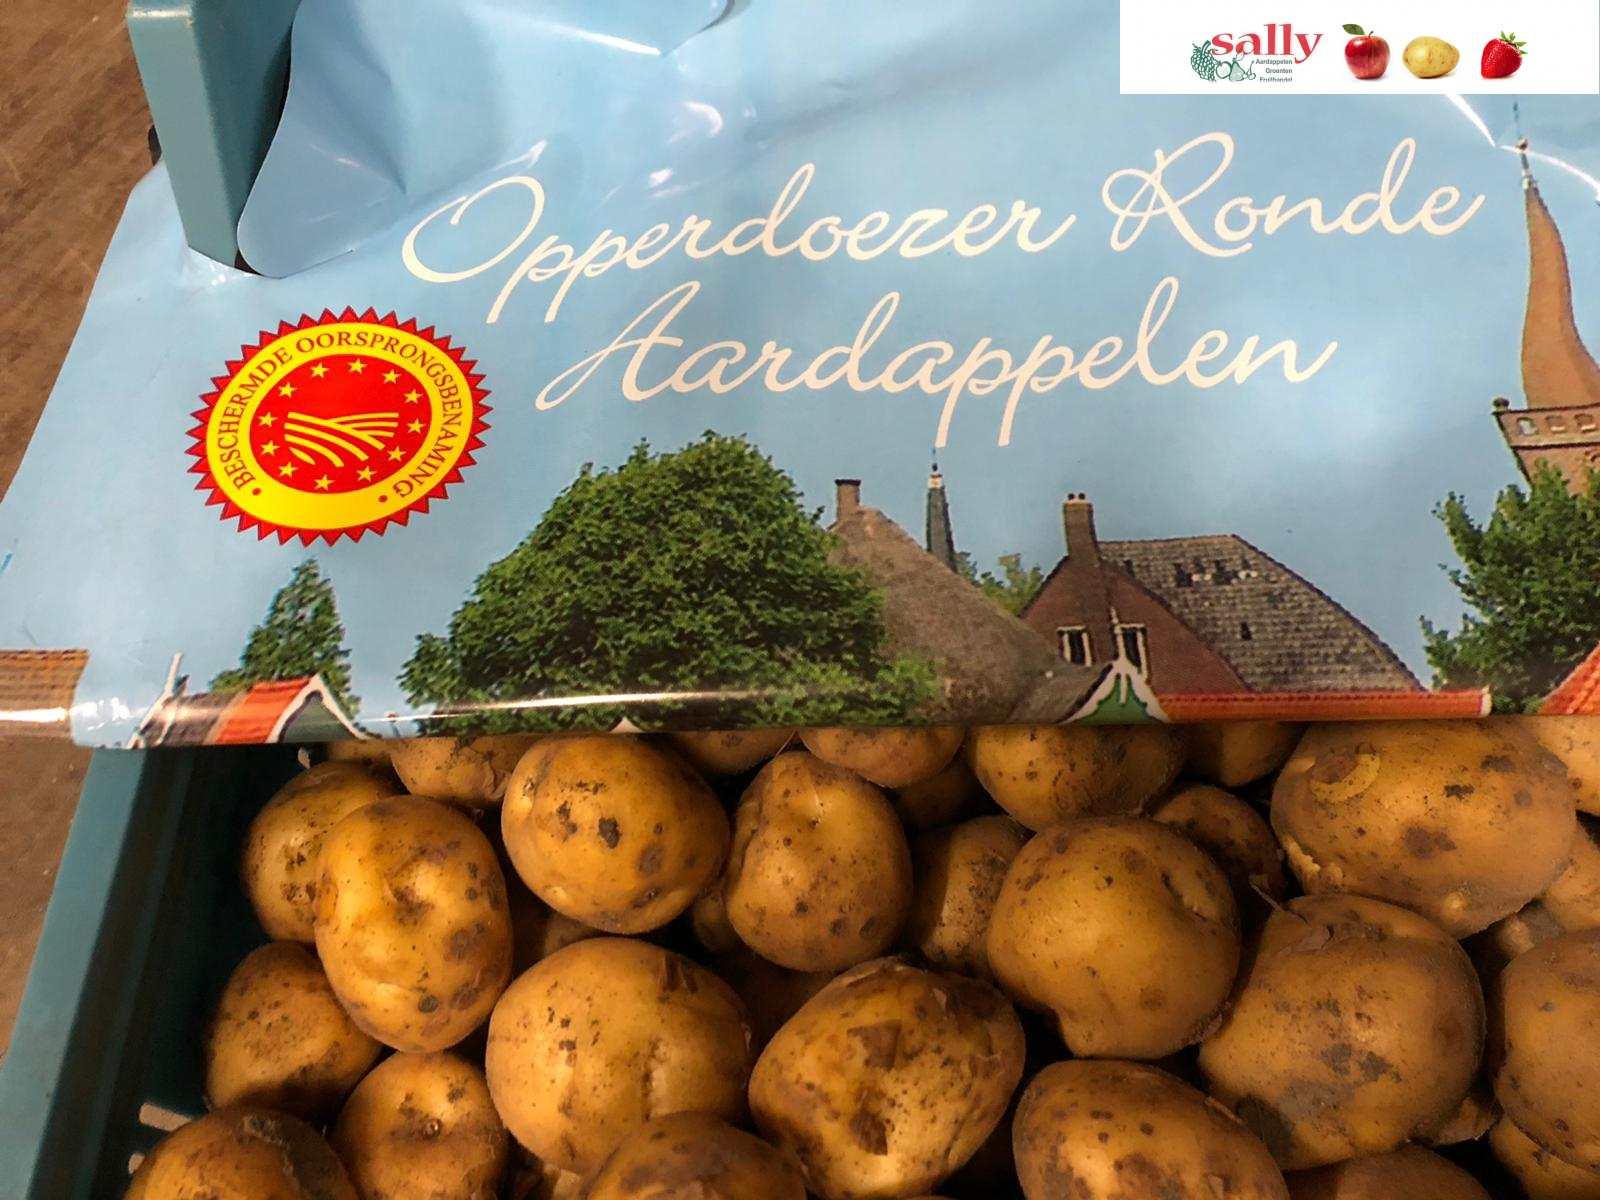 opperdoese ronde aardappelen